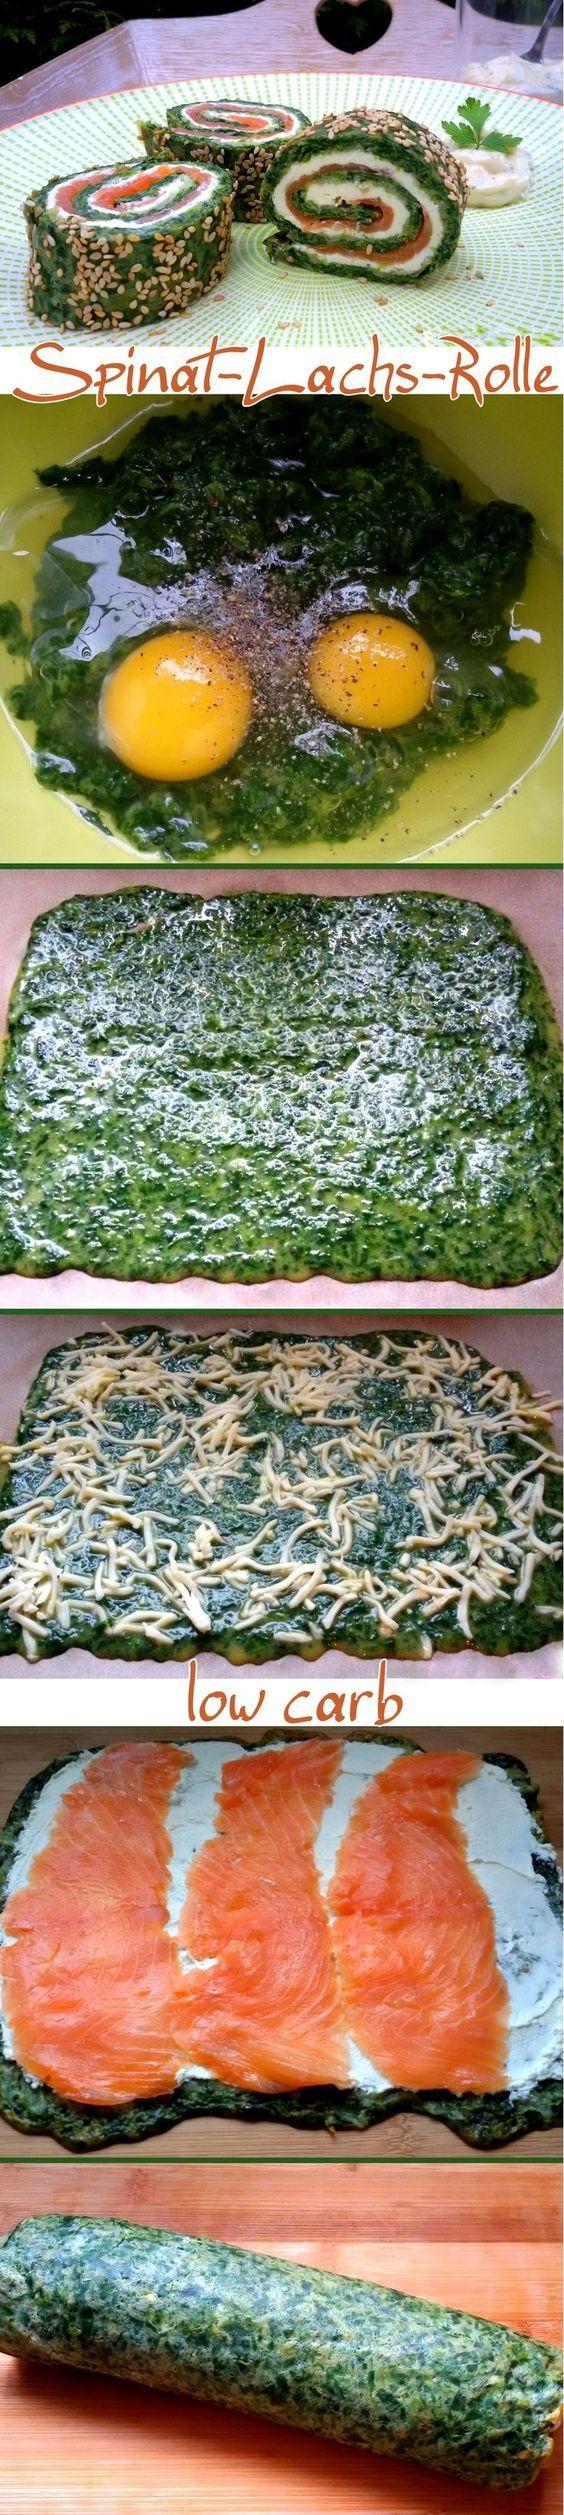 rotolo di salmone agli spinaci a basso contenuto di carboidrati